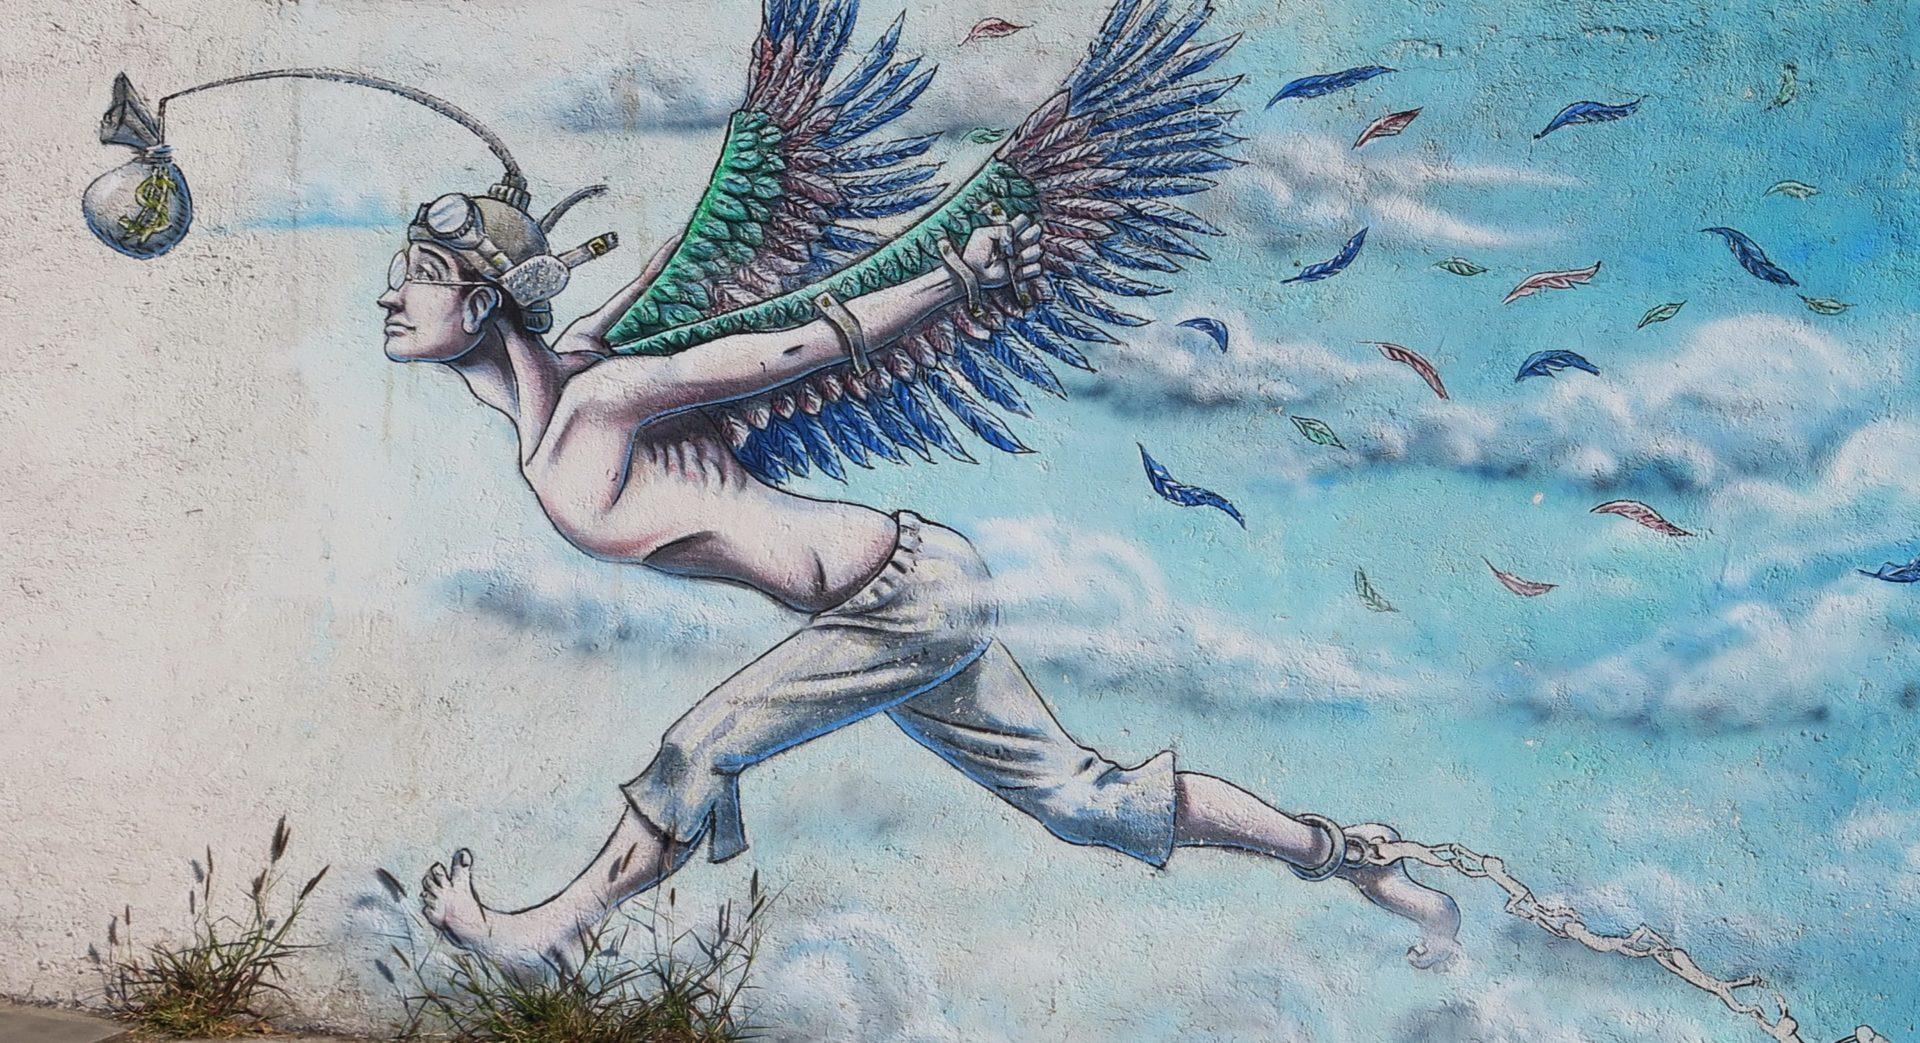 Grafika przedstawia mural, na którym młody chłopak z przywiązanymi do rąk skrzydłami biegnie za sakiewką, która wisi przed jego oczami. TO ilustracja artykułu o tym, jak freelancer odprowadza podatki.